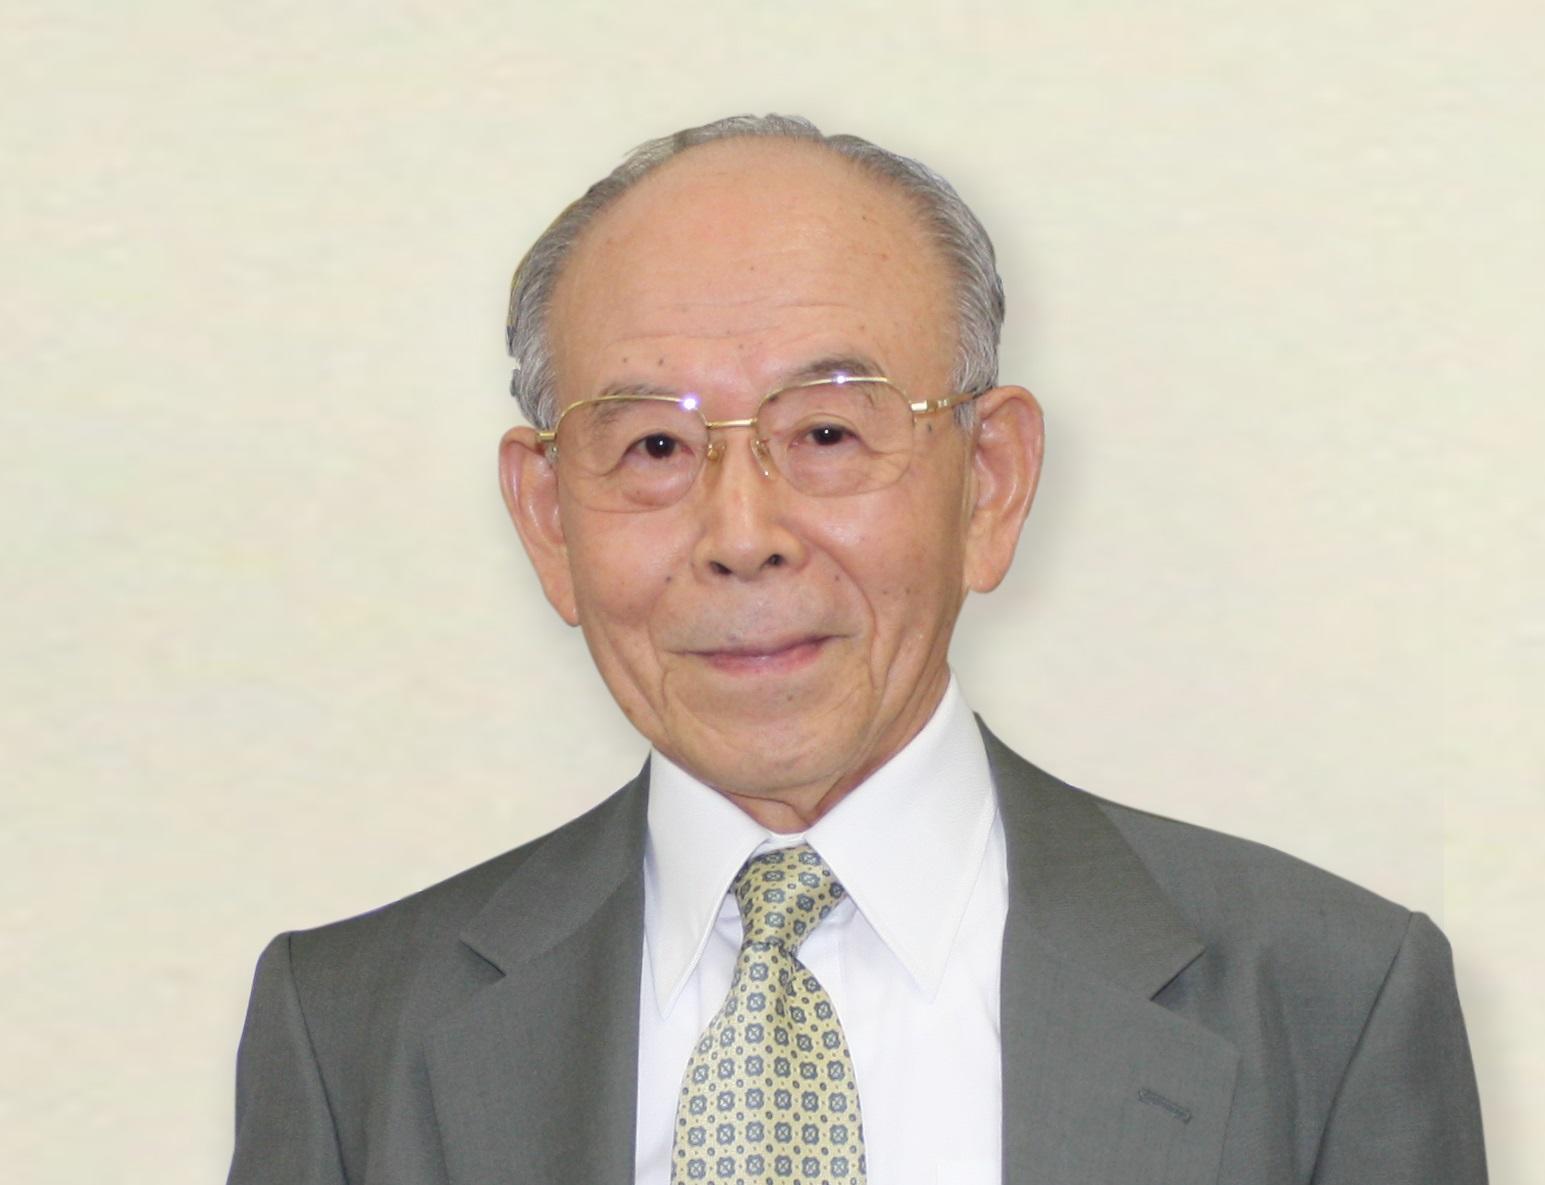 吉野彰教授のノーベル化学賞受賞に対する赤﨑勇終身教授の祝賀コメント